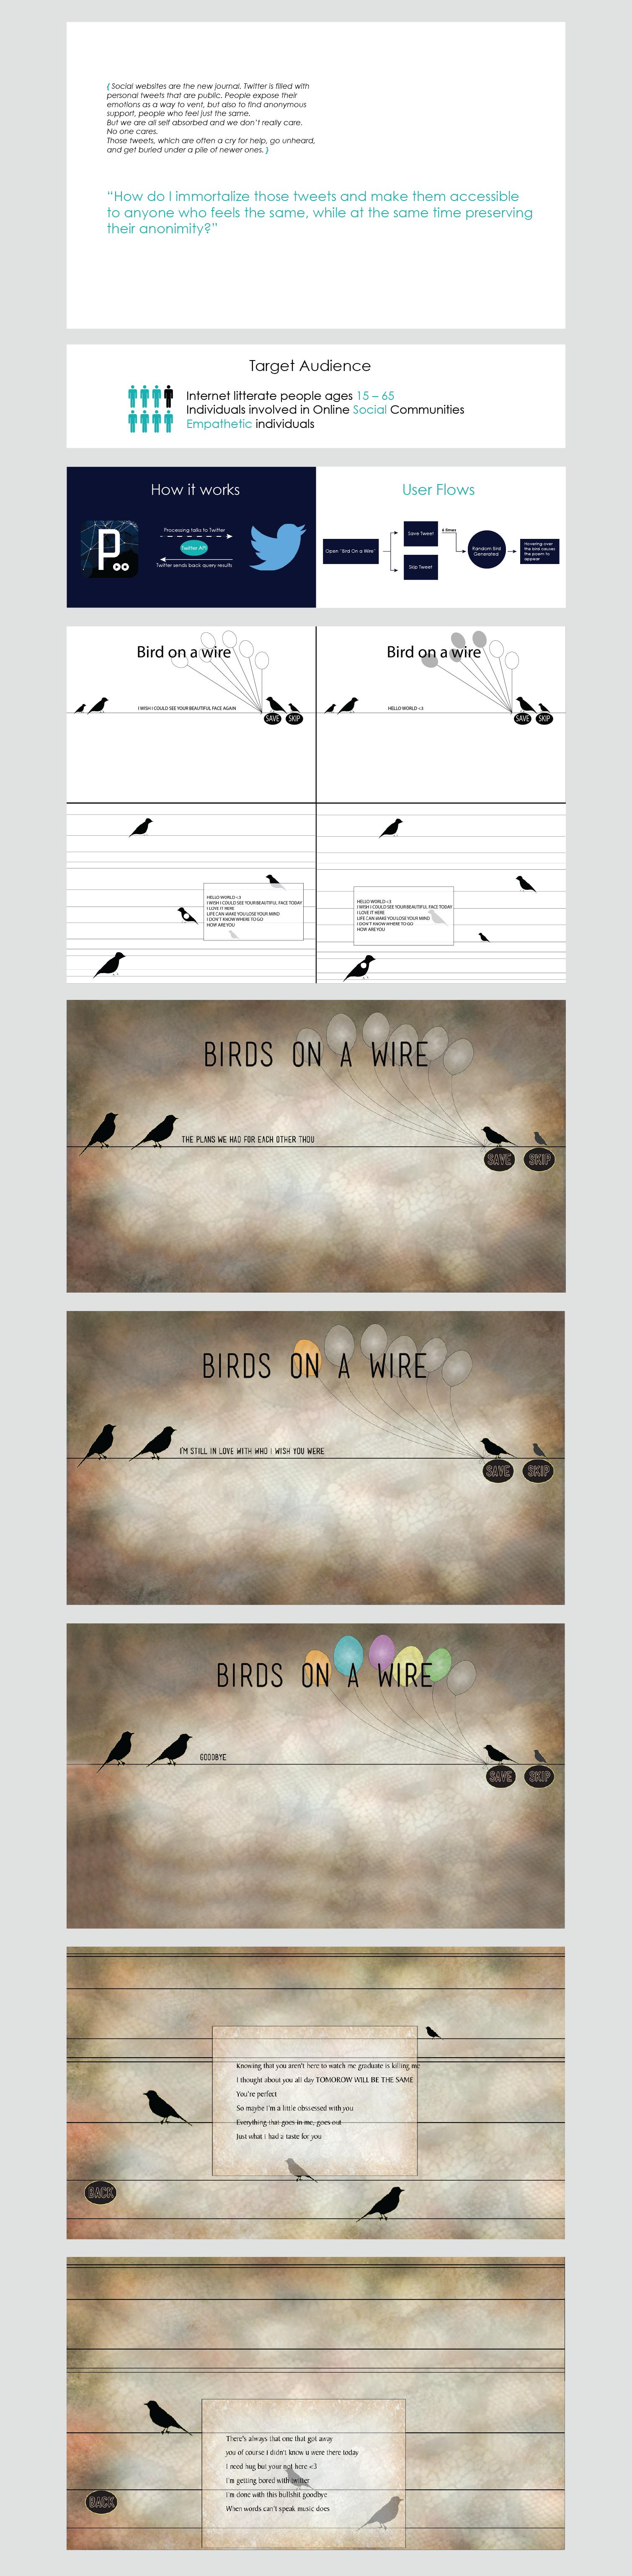 birdContent-01